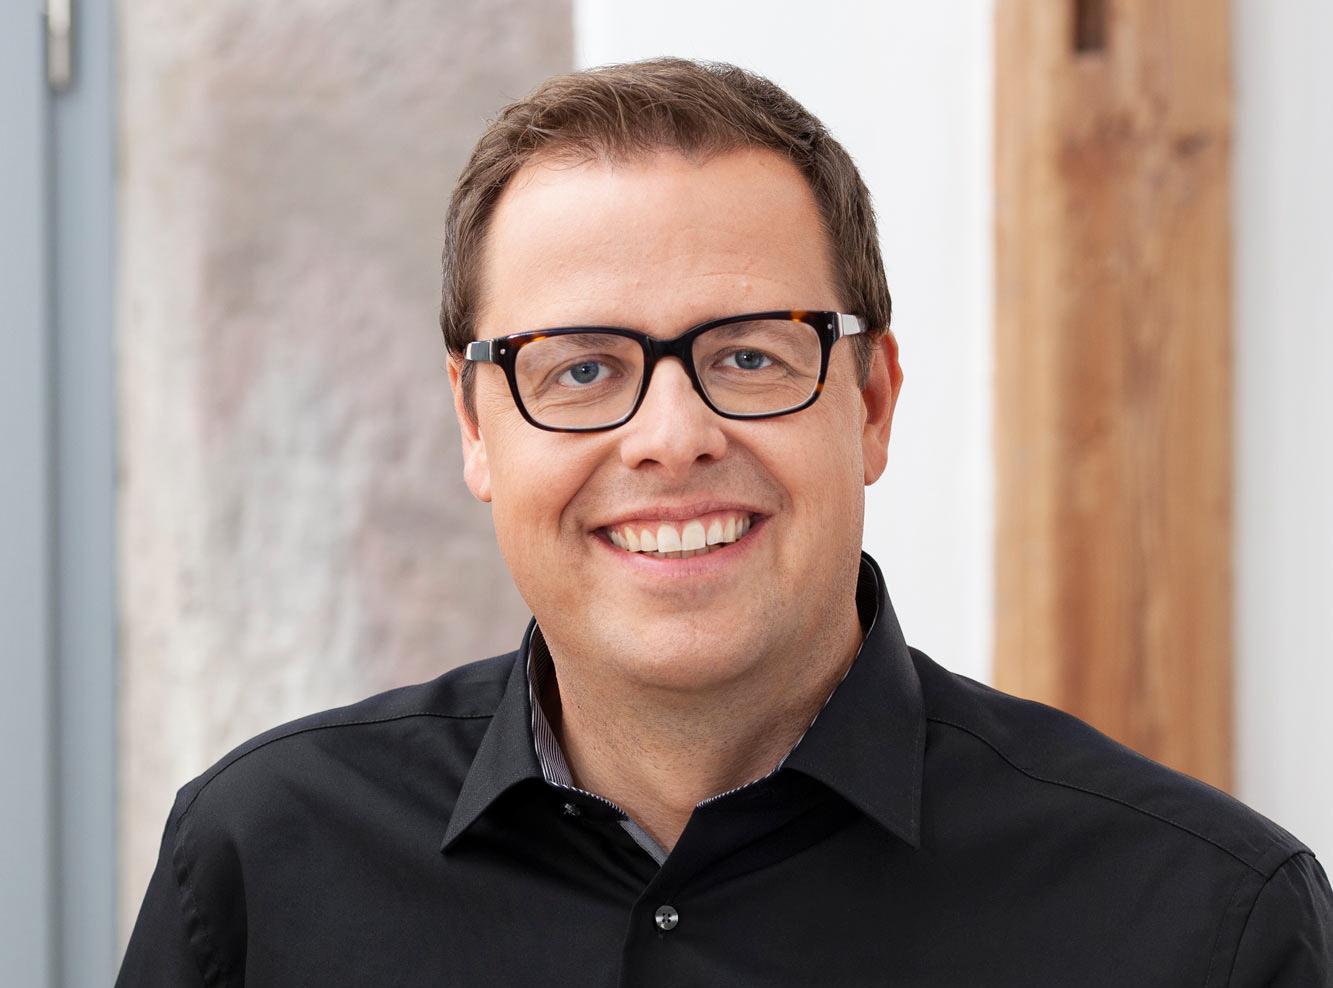 Markus Hanauer